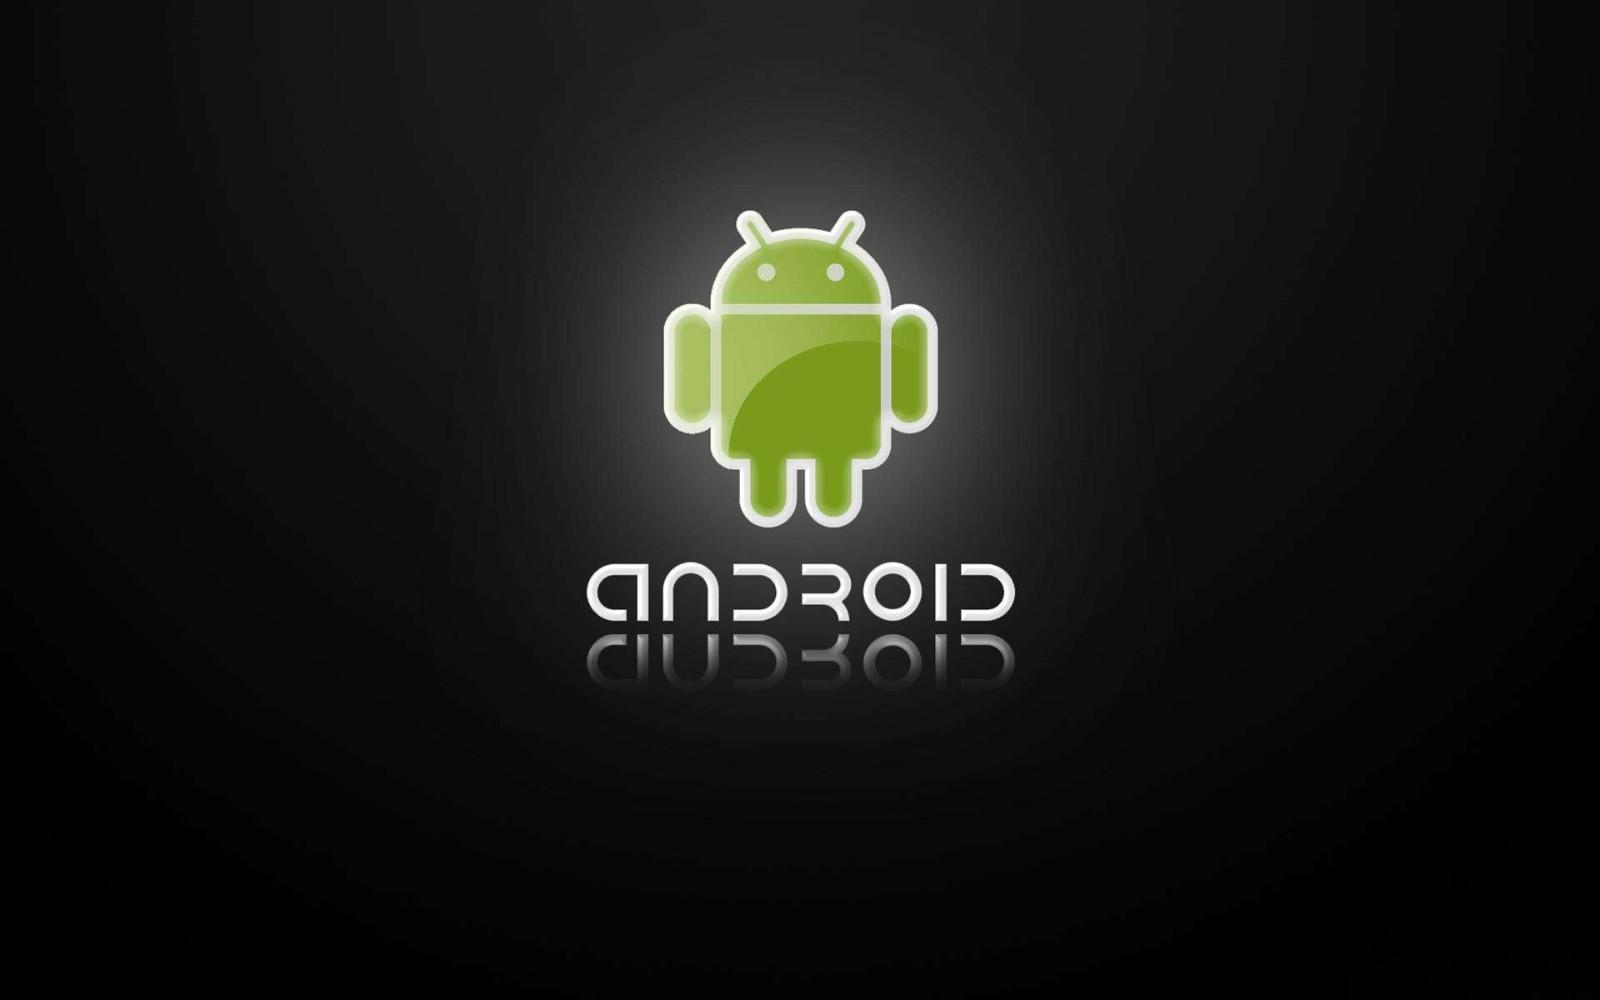 安卓android完整体系课程